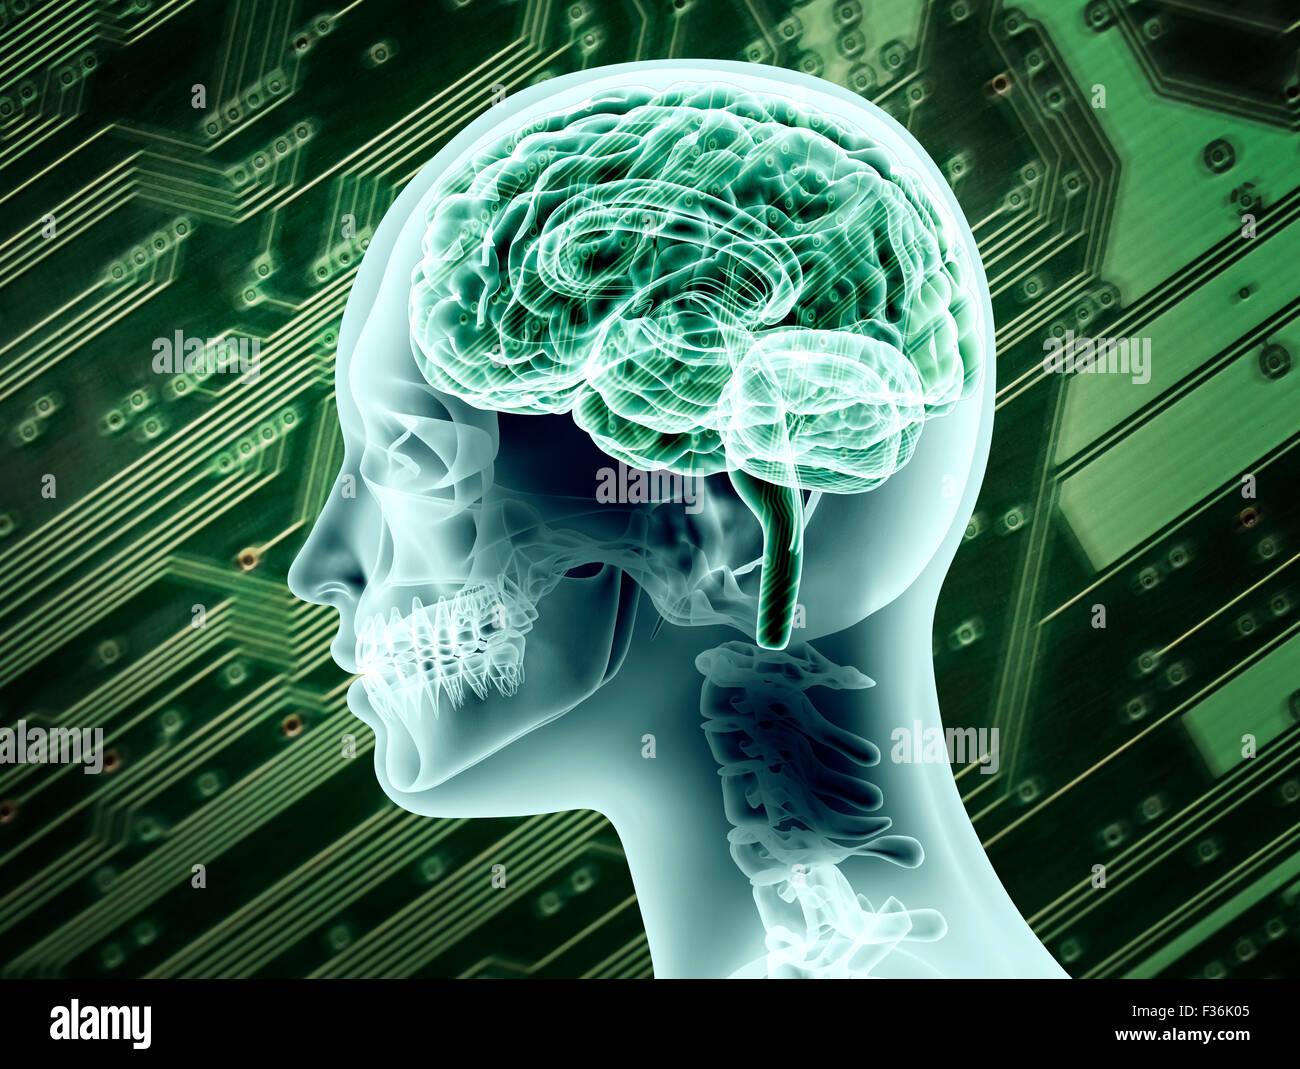 Ilustrativa de representación femenina Anatomía del cerebro. Imagen De Stock